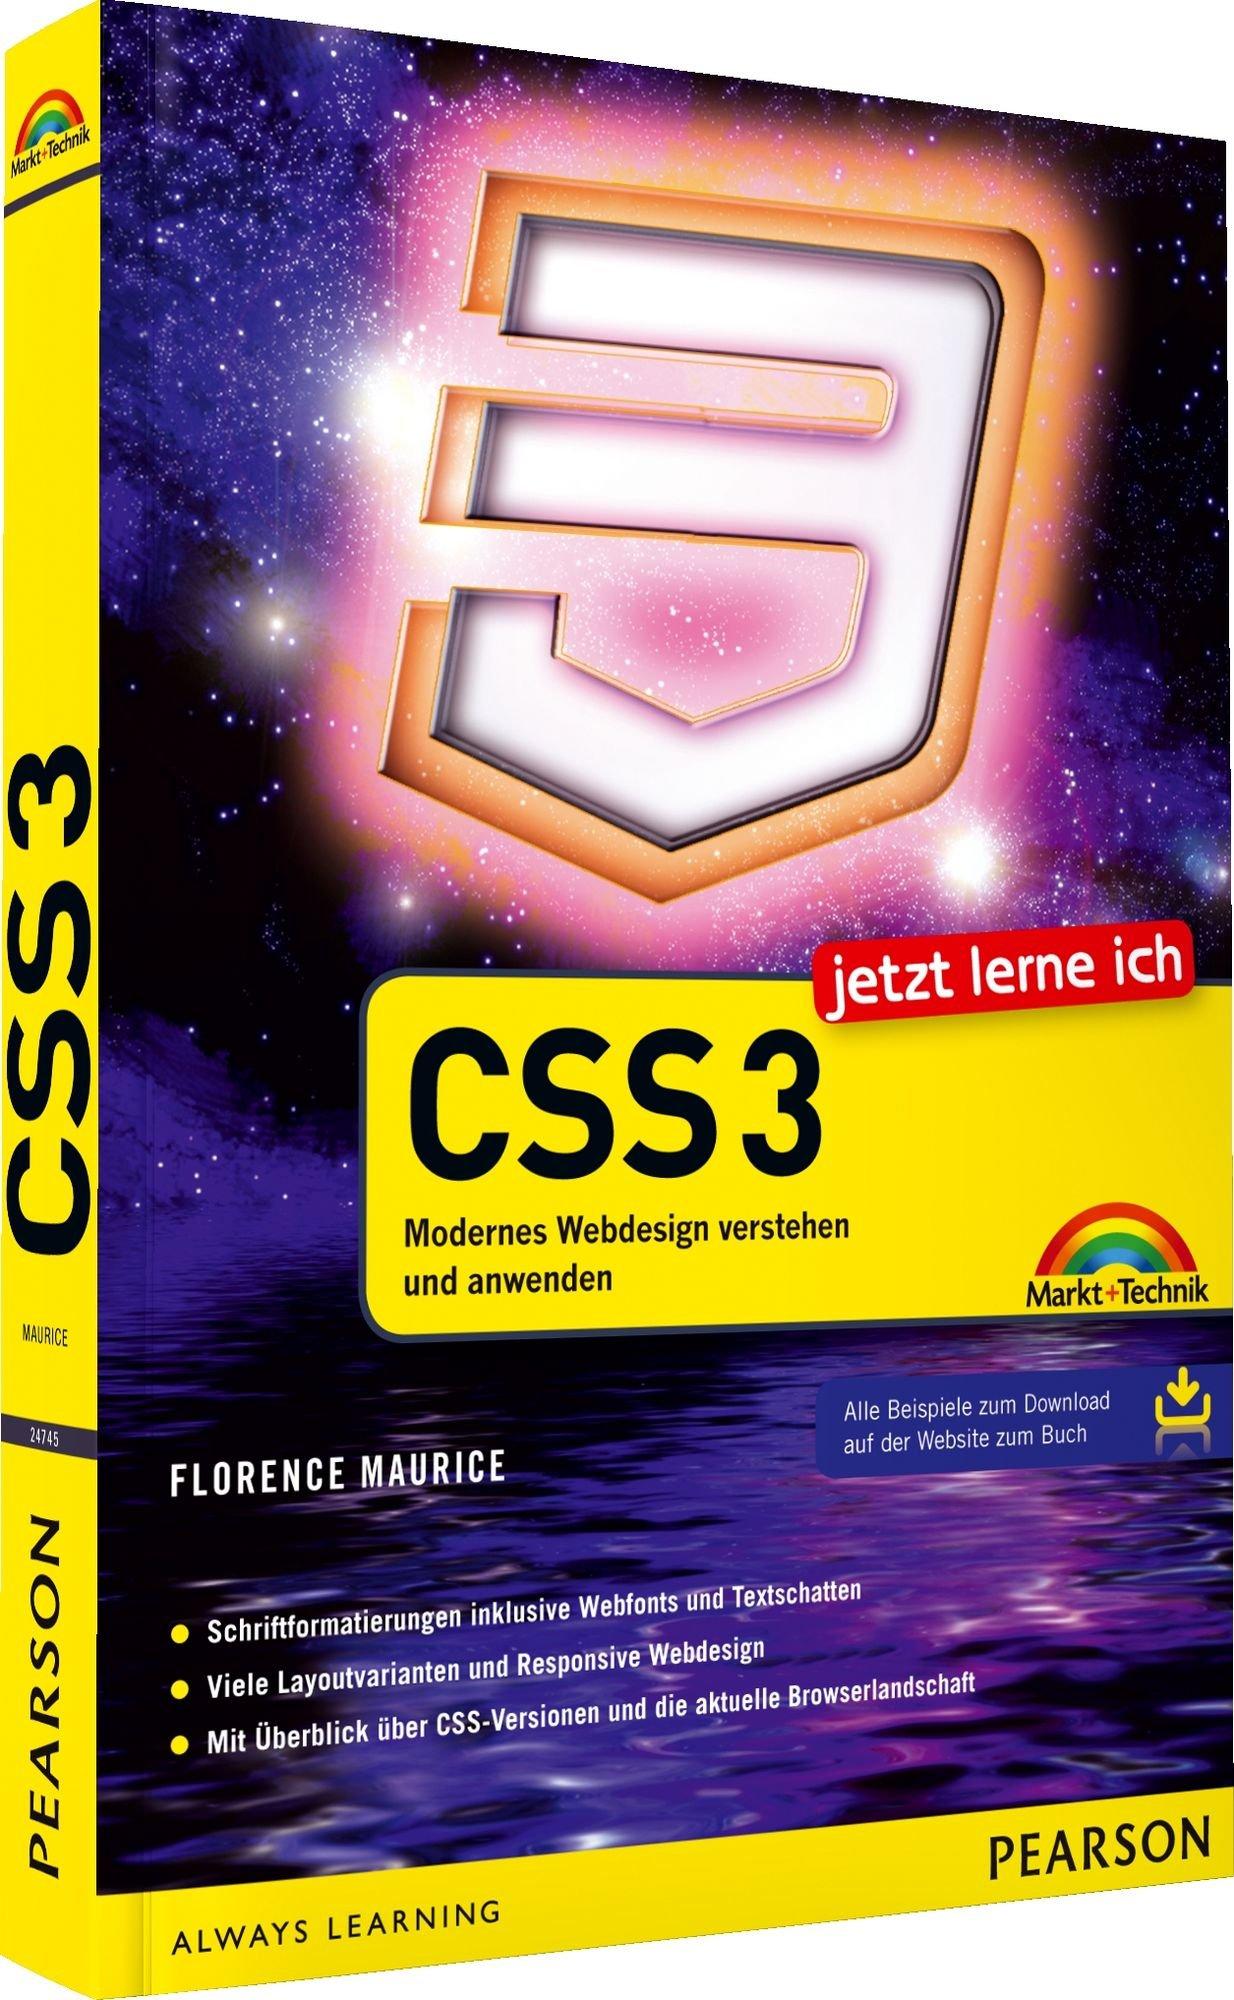 Jetzt lerne ich CSS3 - Modernes Webdesign verstehen und anwenden Taschenbuch – 1. April 2012 Florence Maurice Markt+Technik Verlag 3827247454 19318766